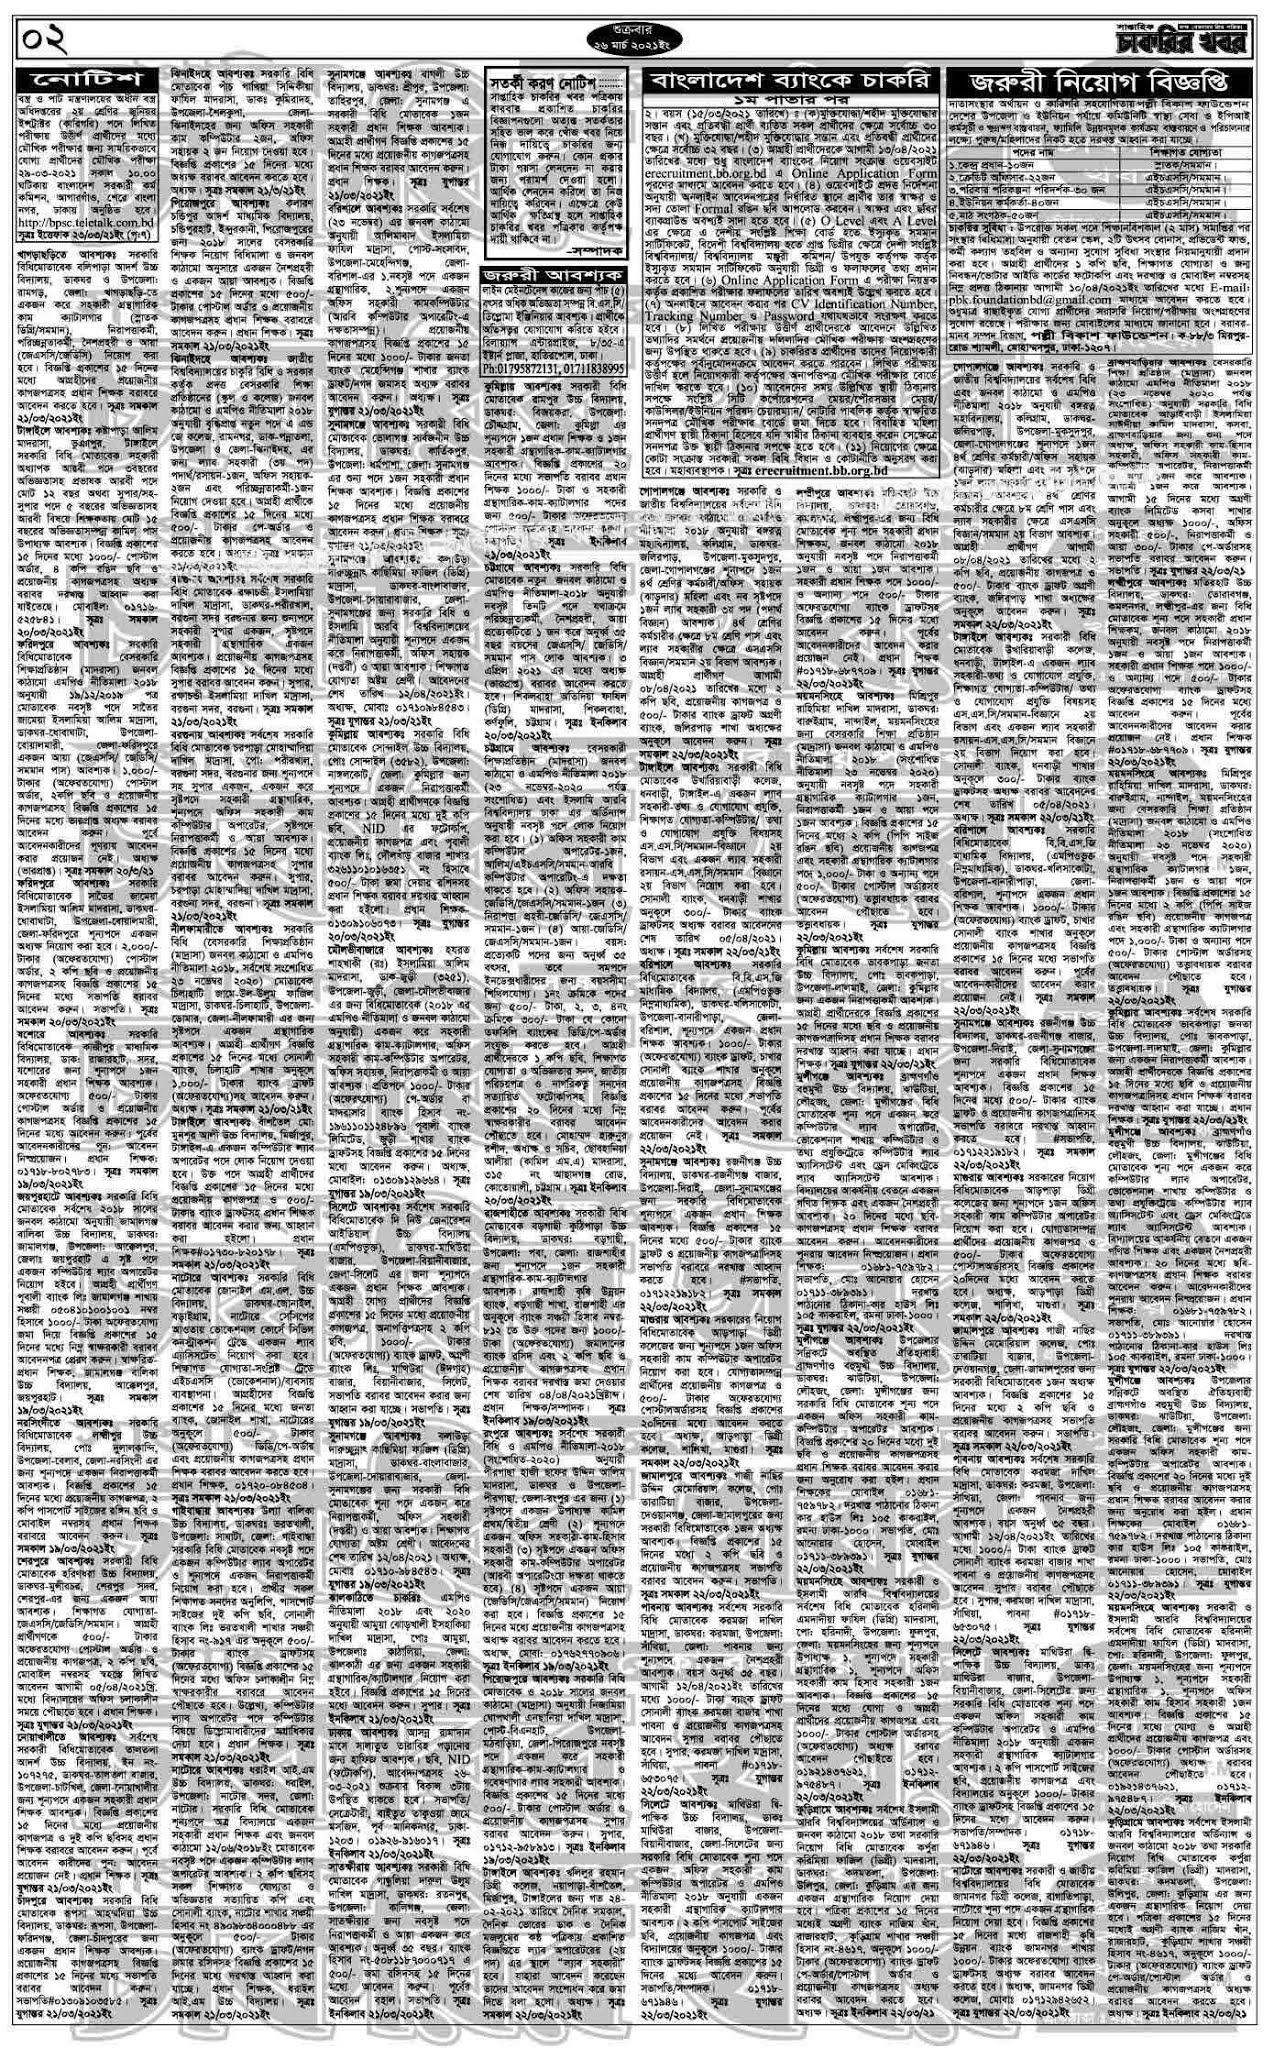 সাপ্তাহিক চাকরির খবর ২৬ মার্চ ২০২১ এর দ্বিতীয় পৃষ্ঠা